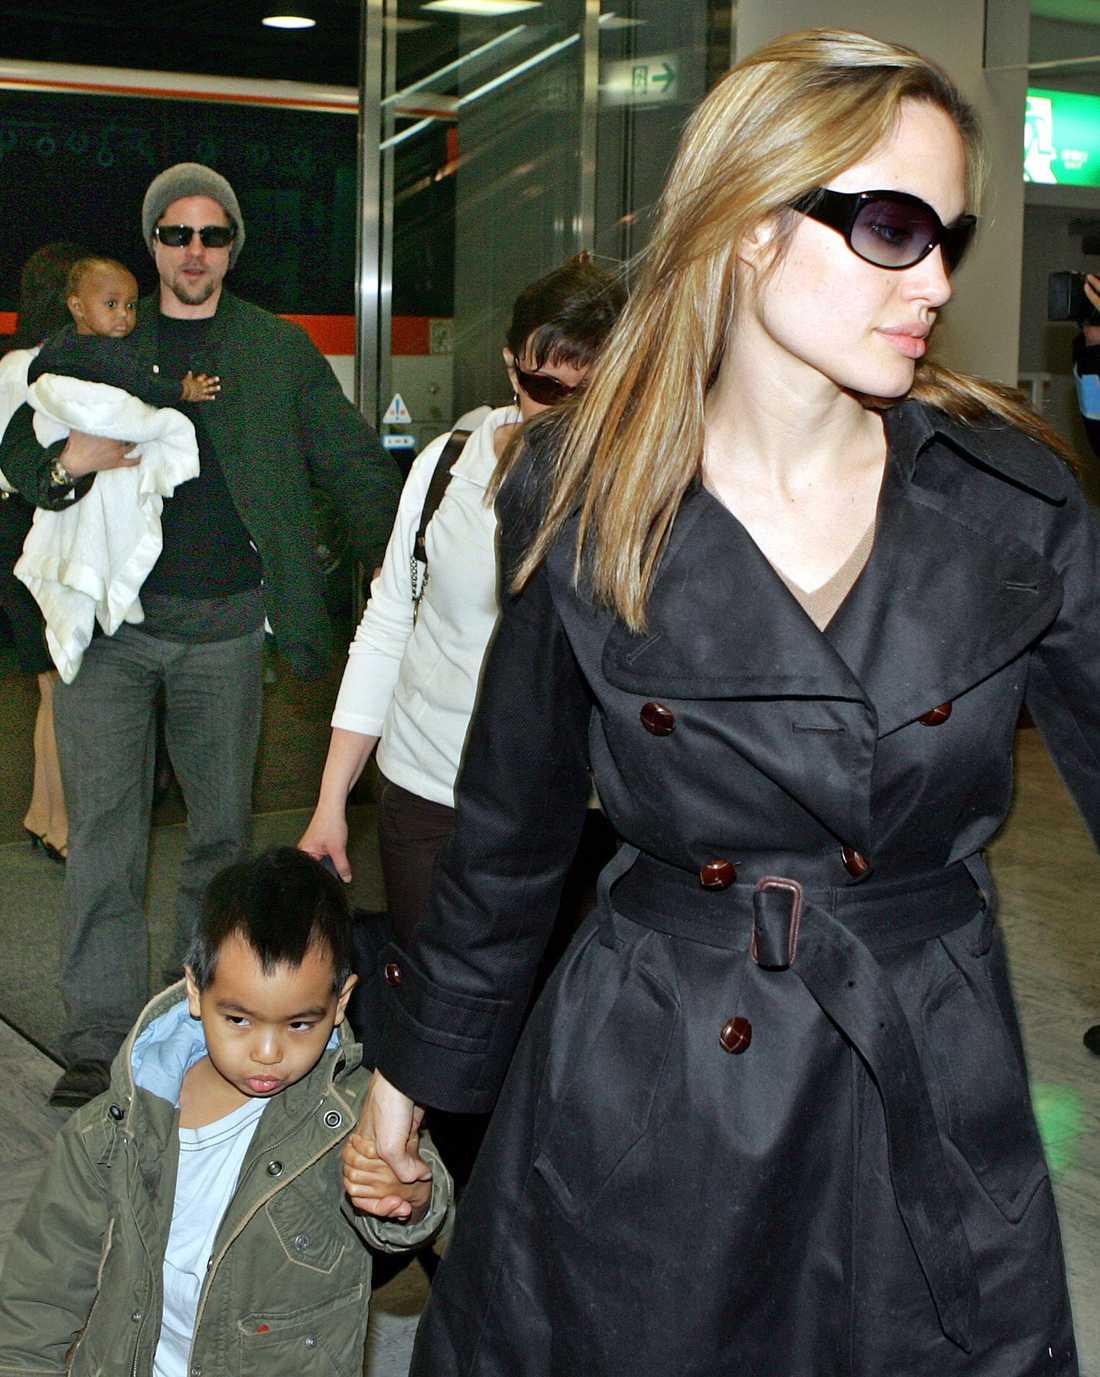 Första bilderna av Angelina Jolies och Brad Pitts tvillingar som föddes 2008 köptes för omkring 93 miljoner kronor av People magazine. Pengarna donerade åparet till välgörenhet. Här är de med några av sina andra barn.